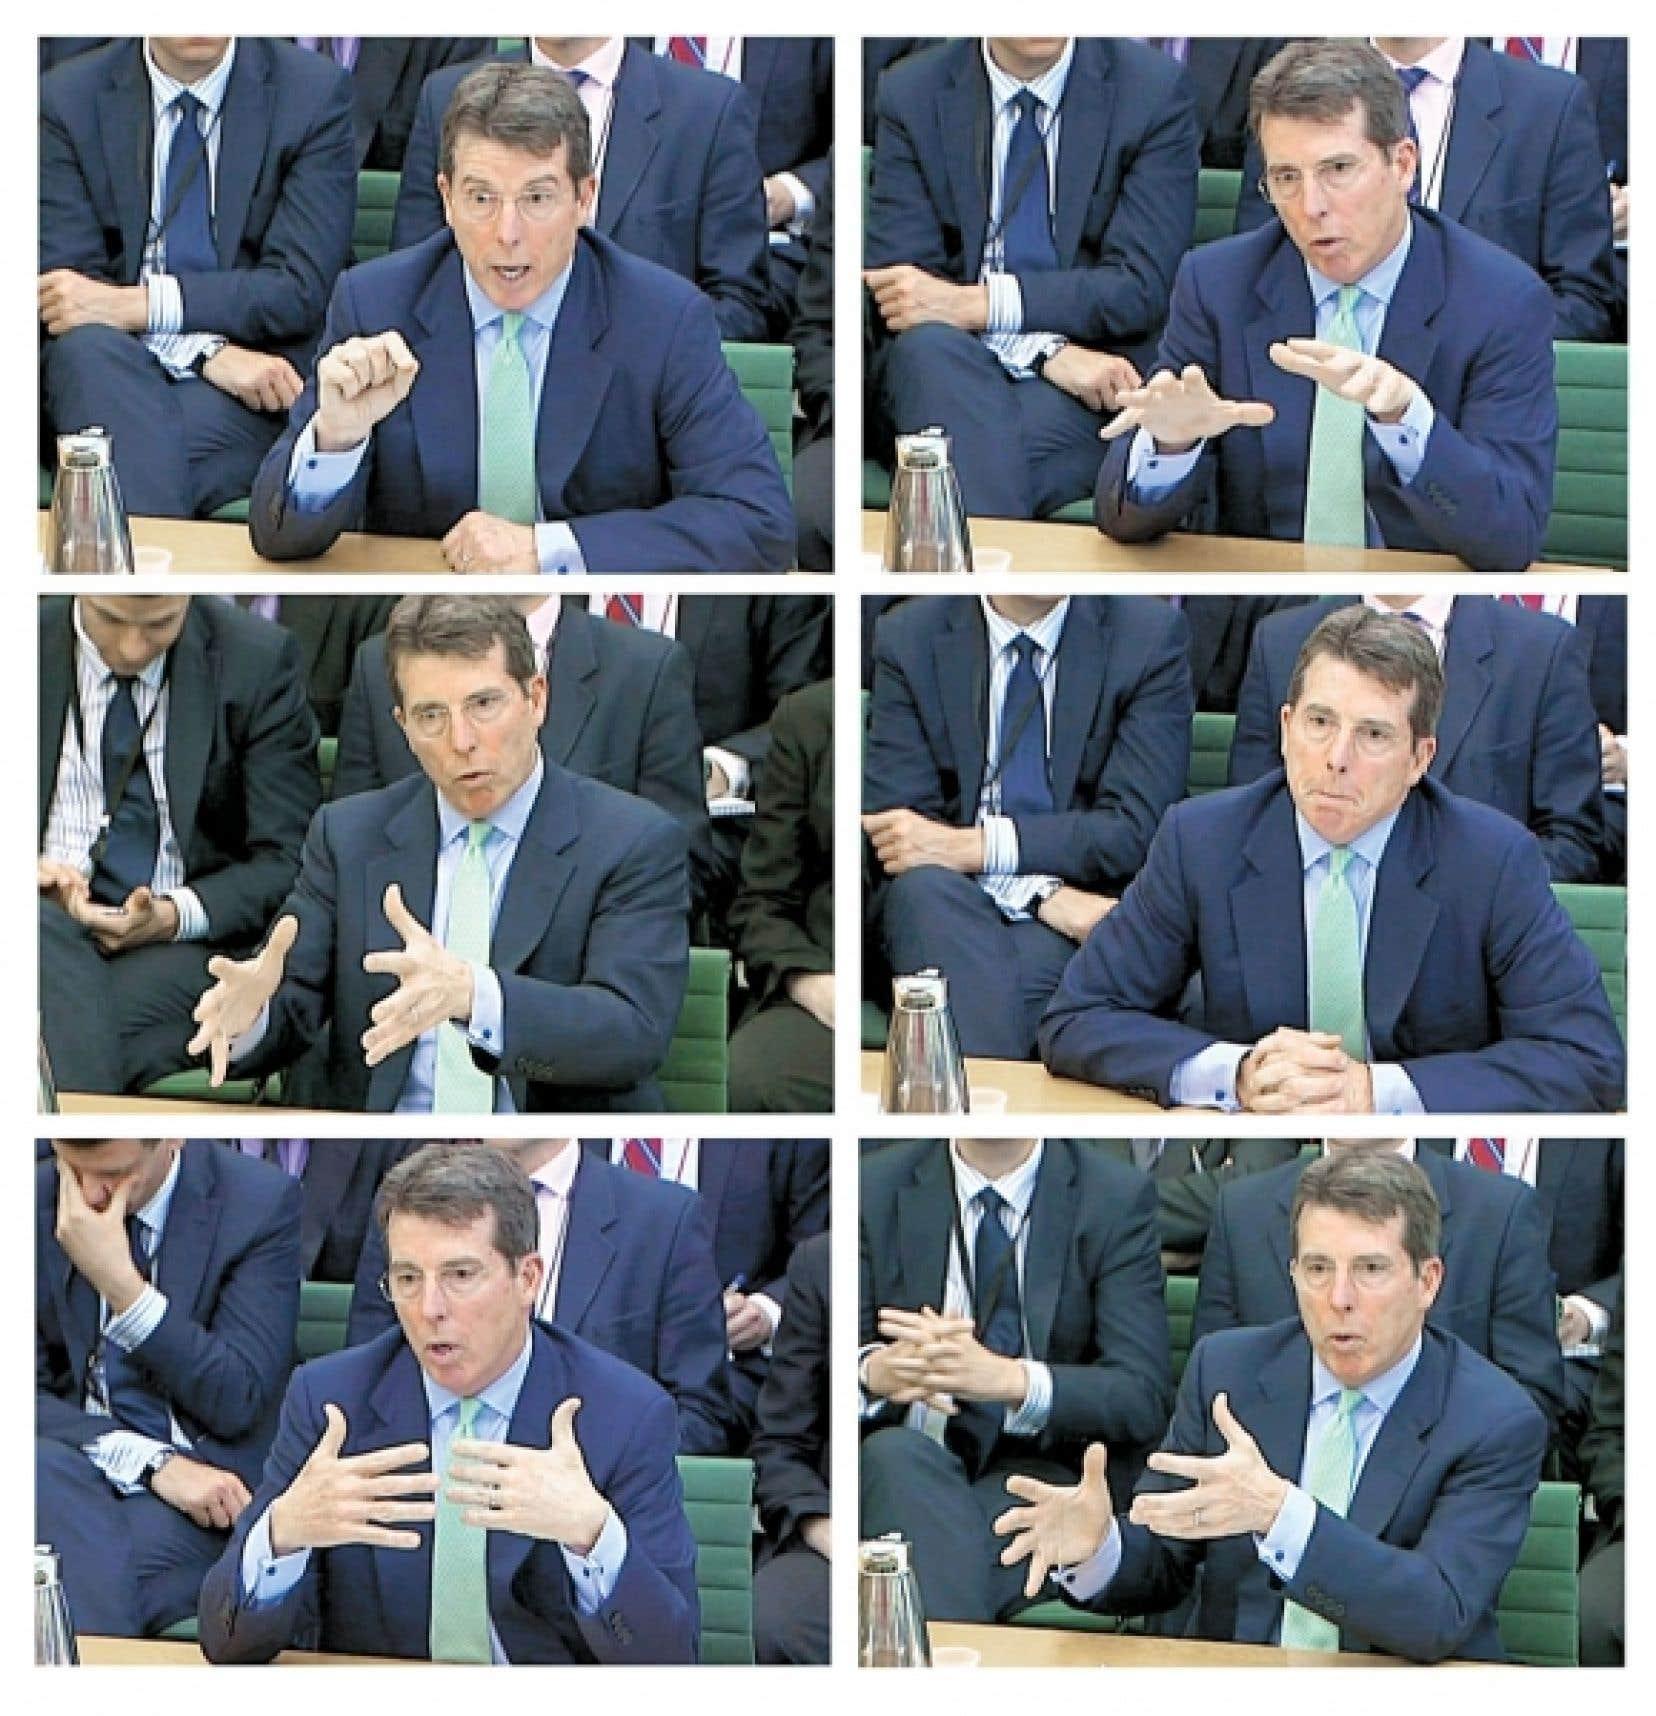 <div> Différentes expressions du directeur général démissionnaire de la Banque Barclays, Bob Diamond, lors de son témoignage devant les députés britanniques.</div>